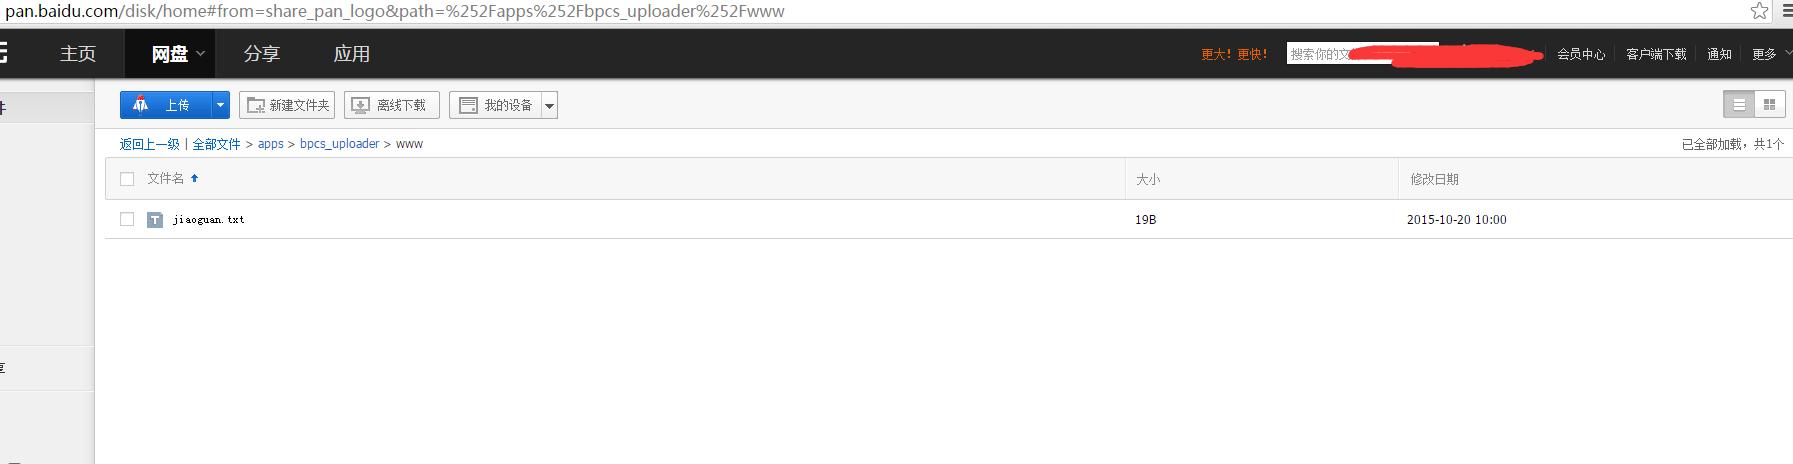 Linux全自动备份网站到百度云盘